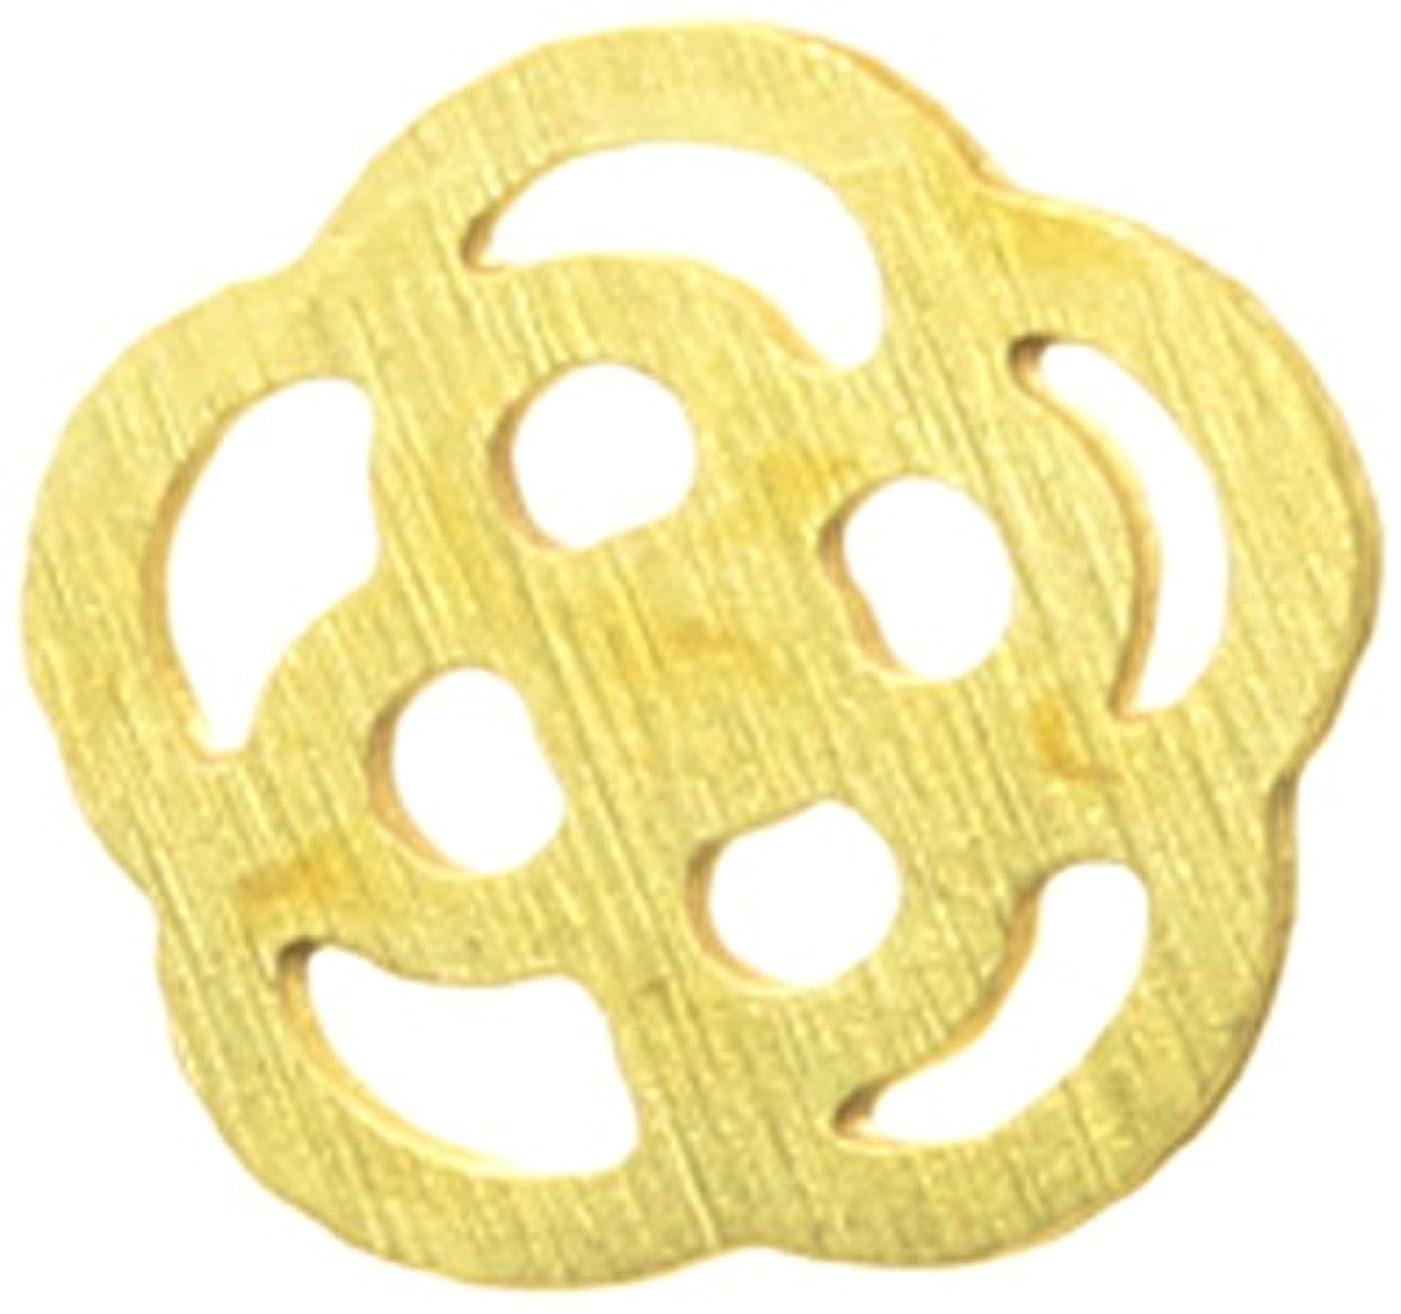 共産主義服を洗うのスコアメタルプレート(ネイルストーン デコ) カメリア(30個入り) ゴールド(ネイル用品)